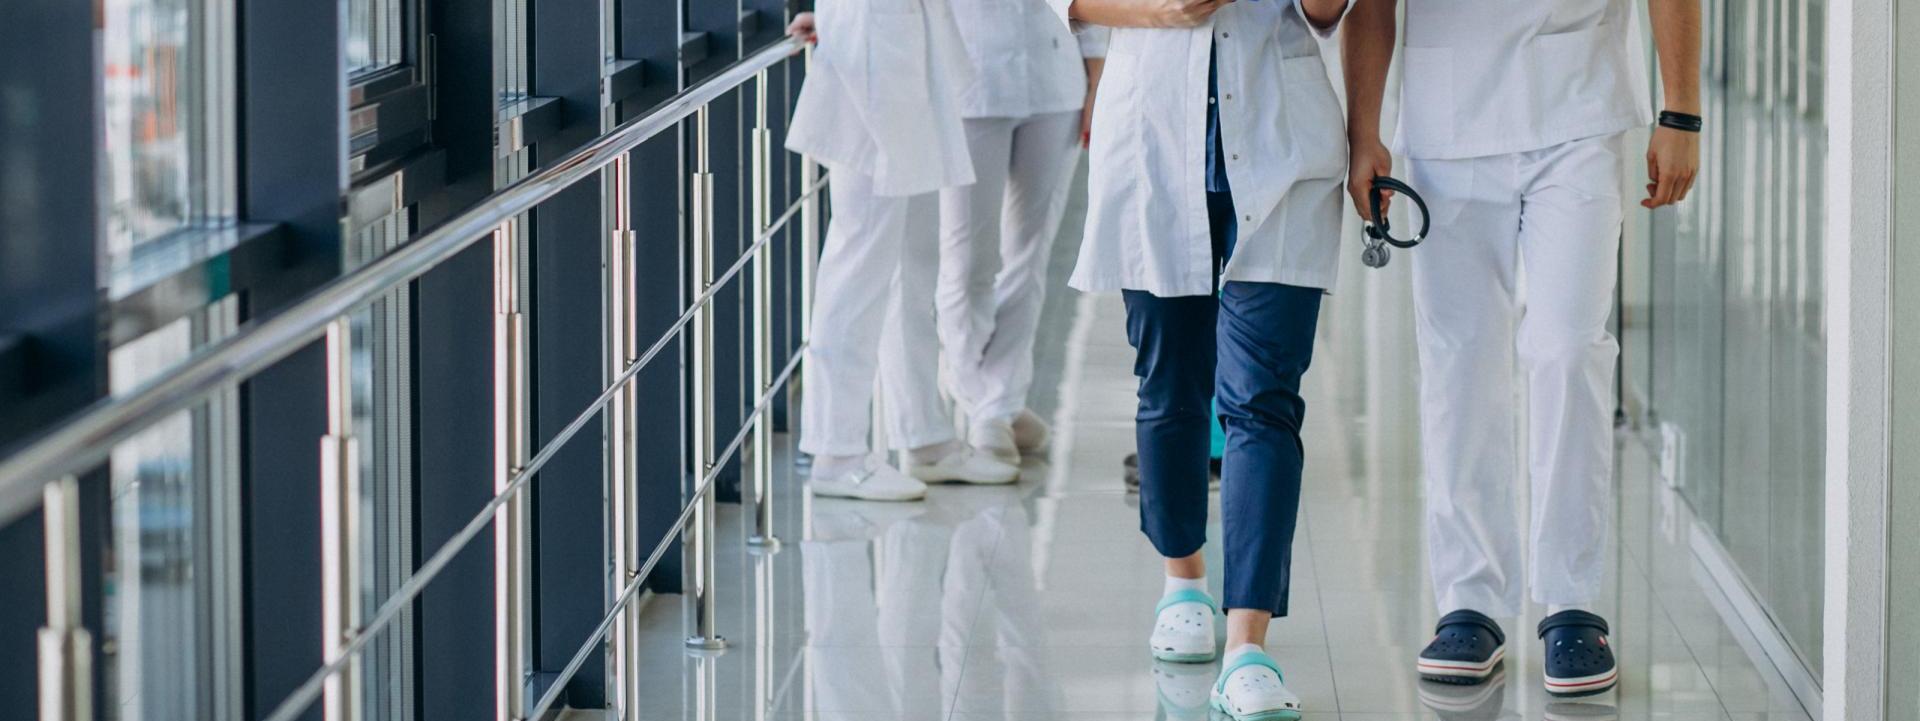 La importancia de un buen calzado para profesionales sanitarios